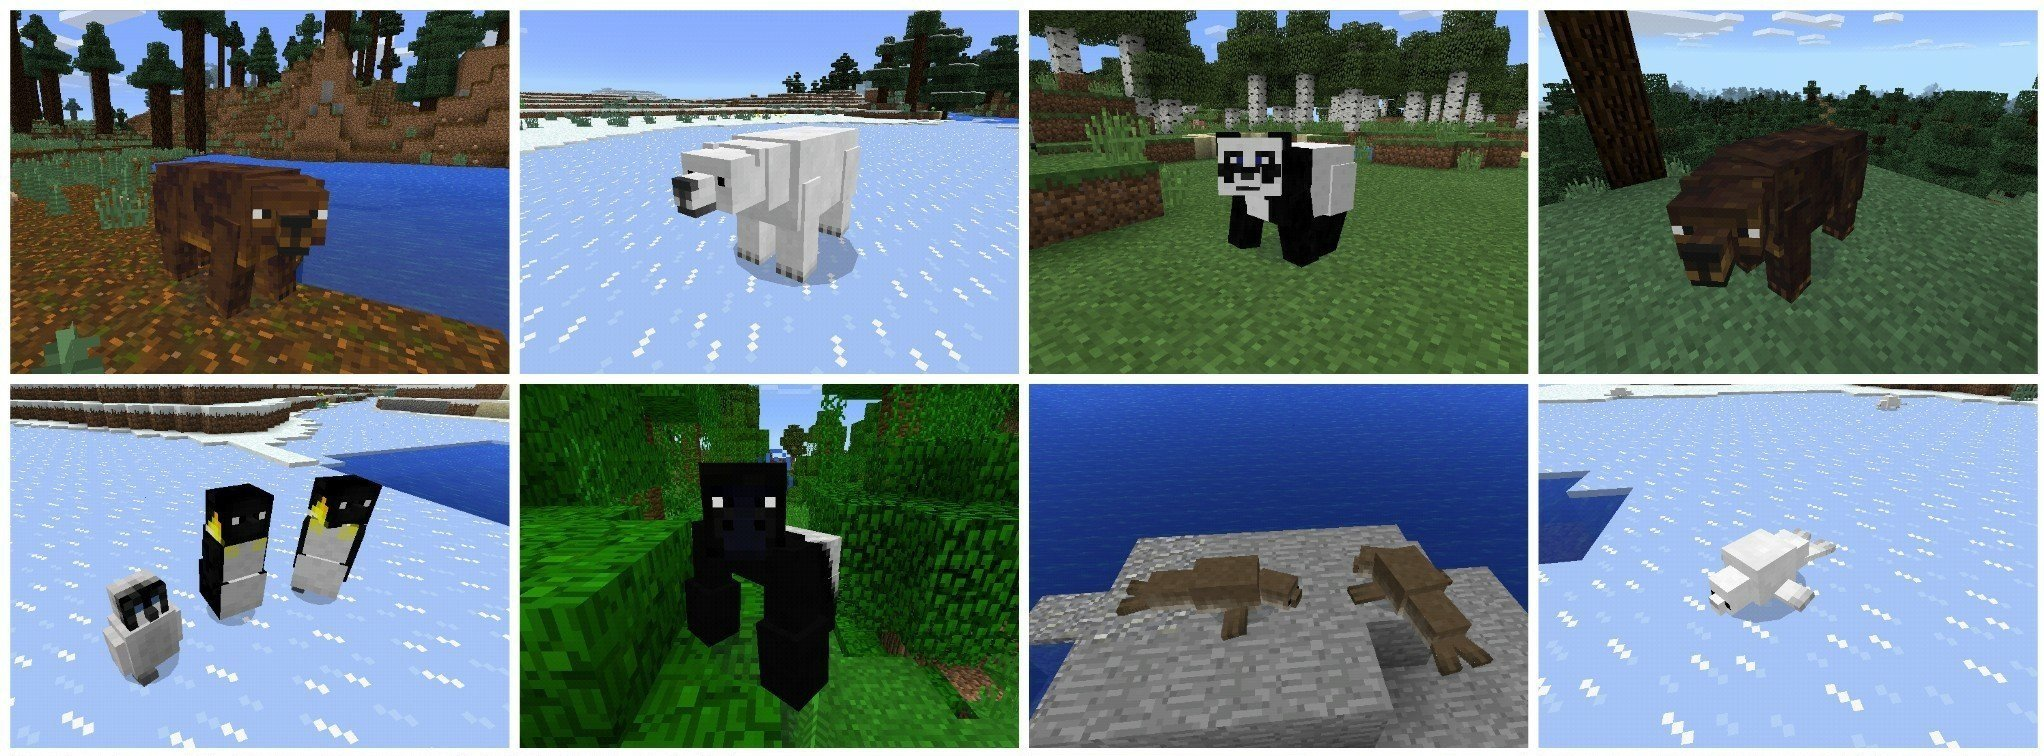 мод на животных в майнкрафт 0.16.0 #3